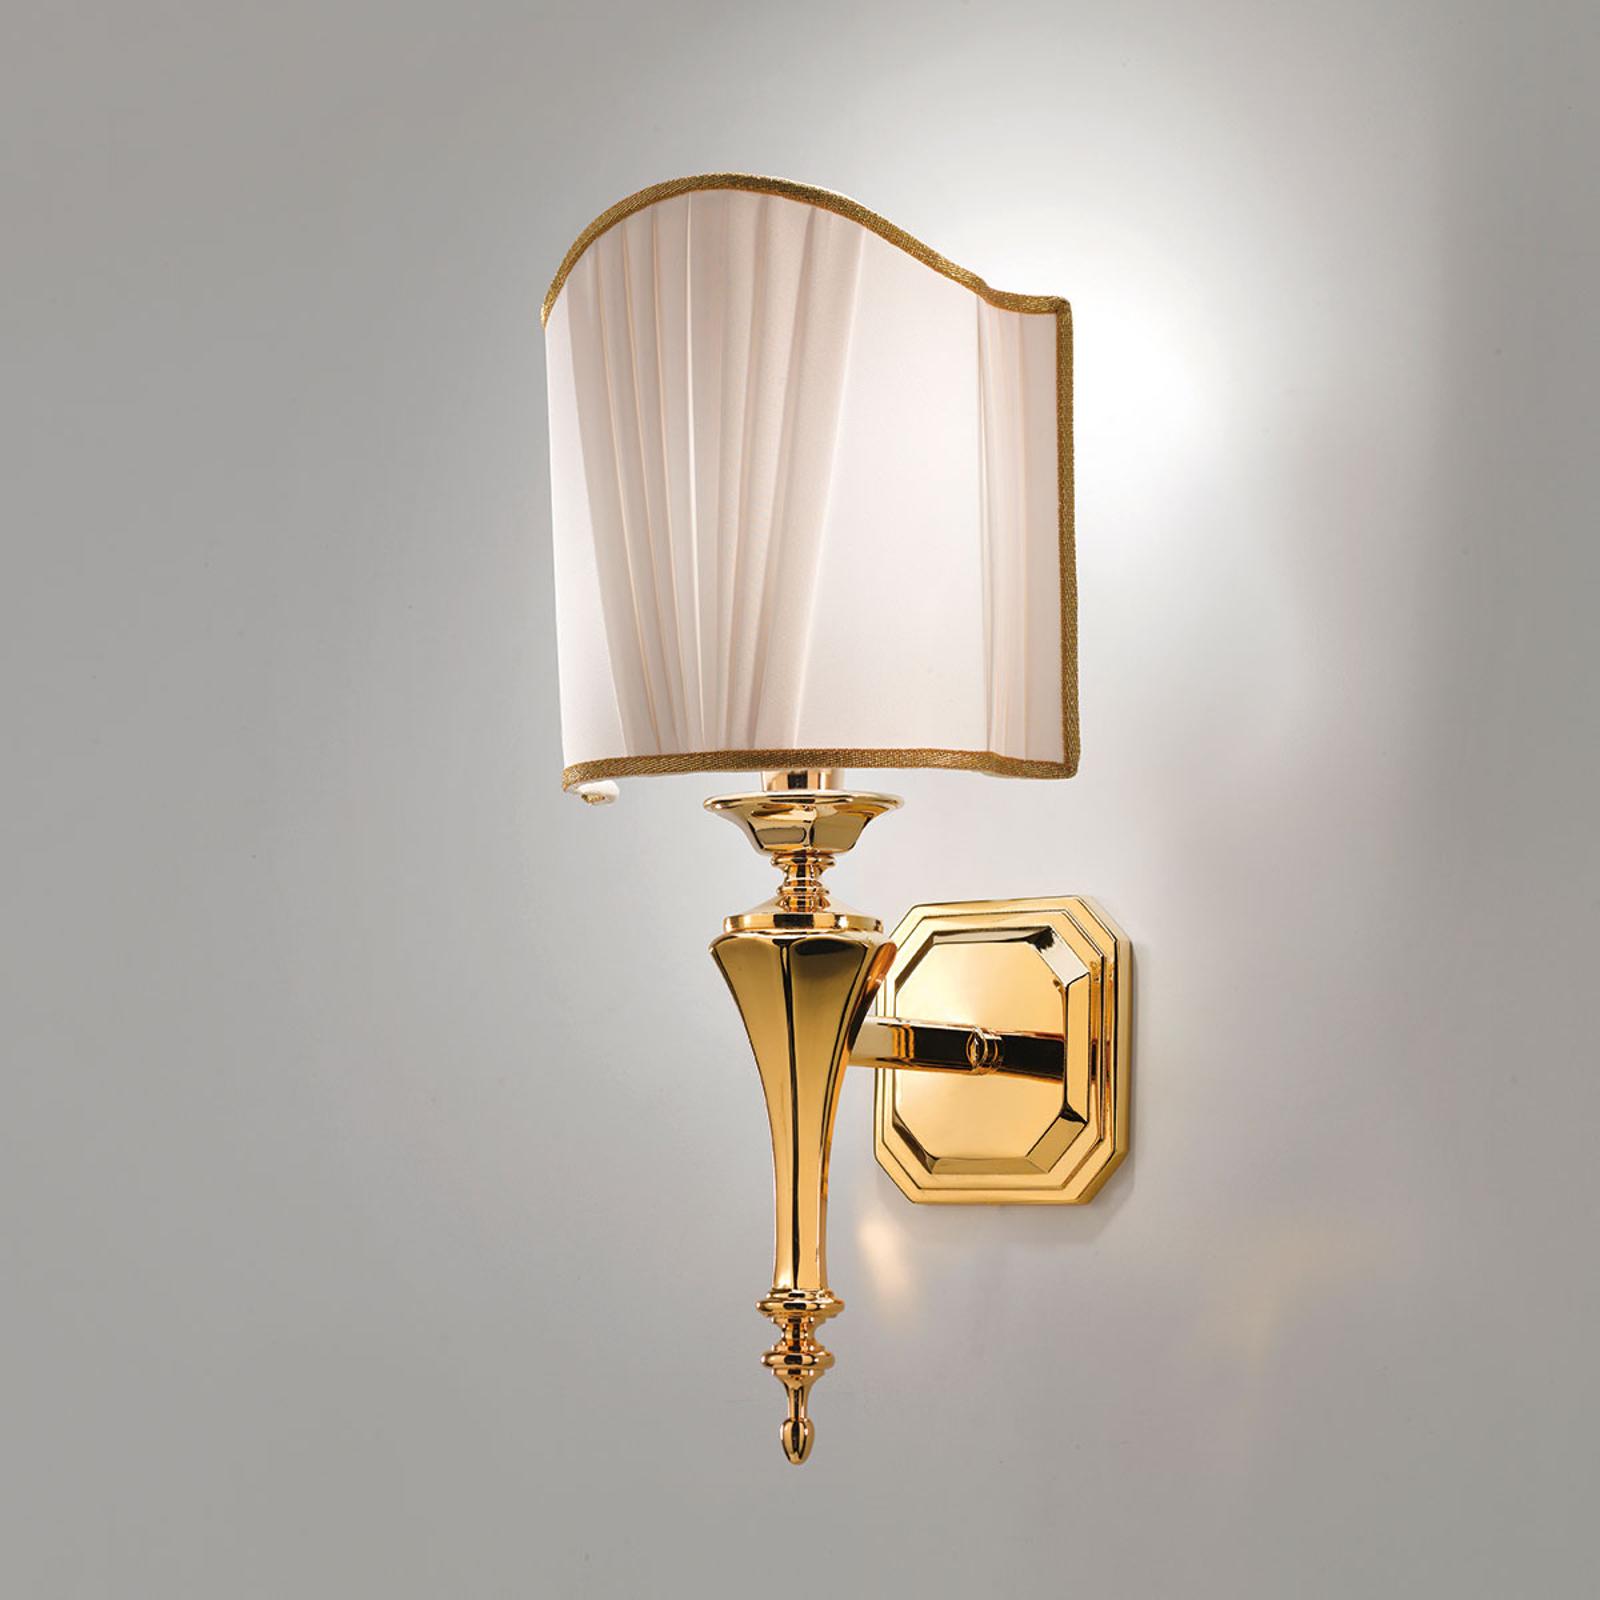 Belle Epoque - elegant wall light in gold_2008185_1